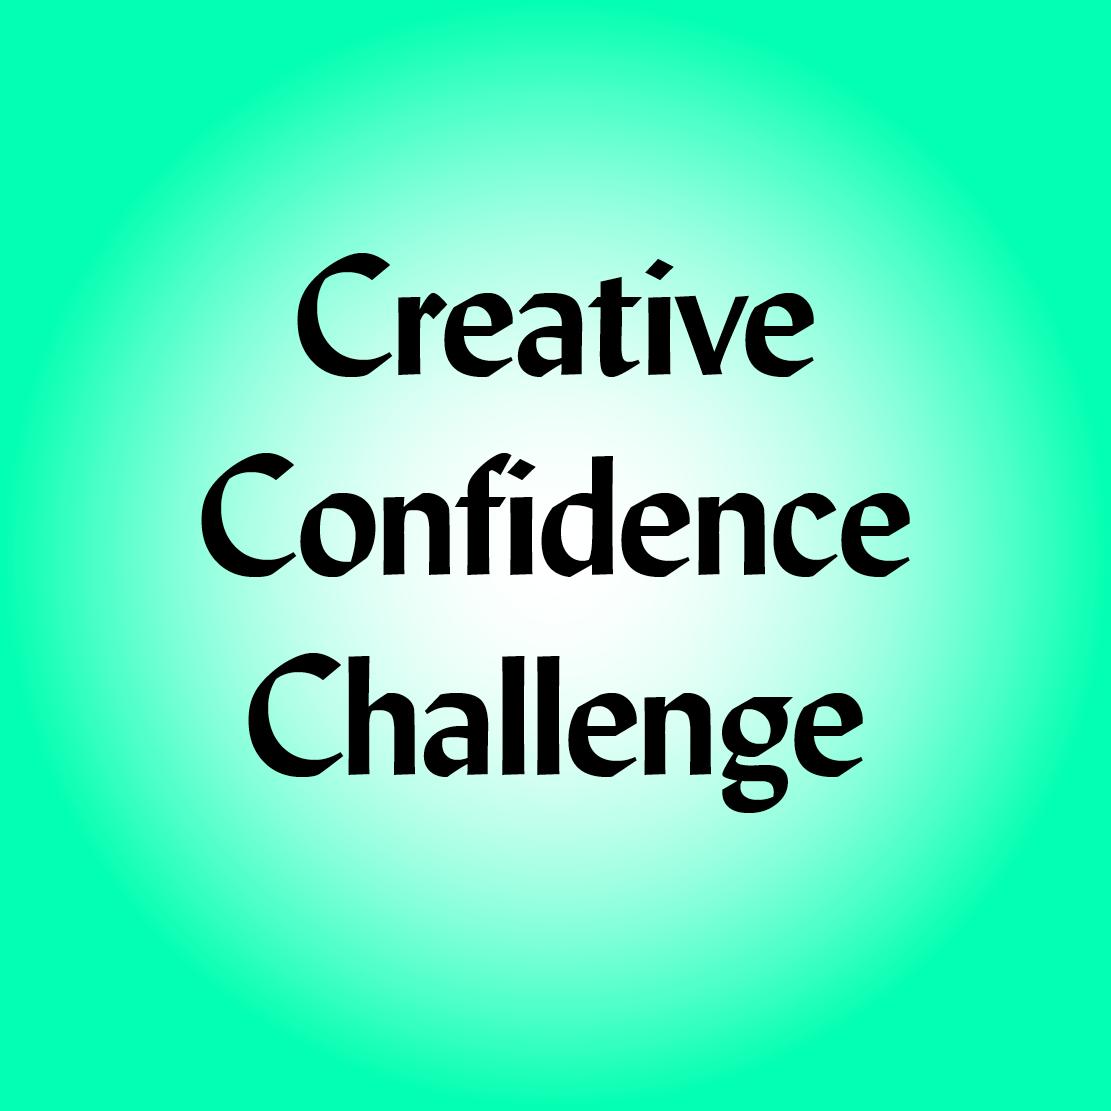 Creative Confidence Challenge